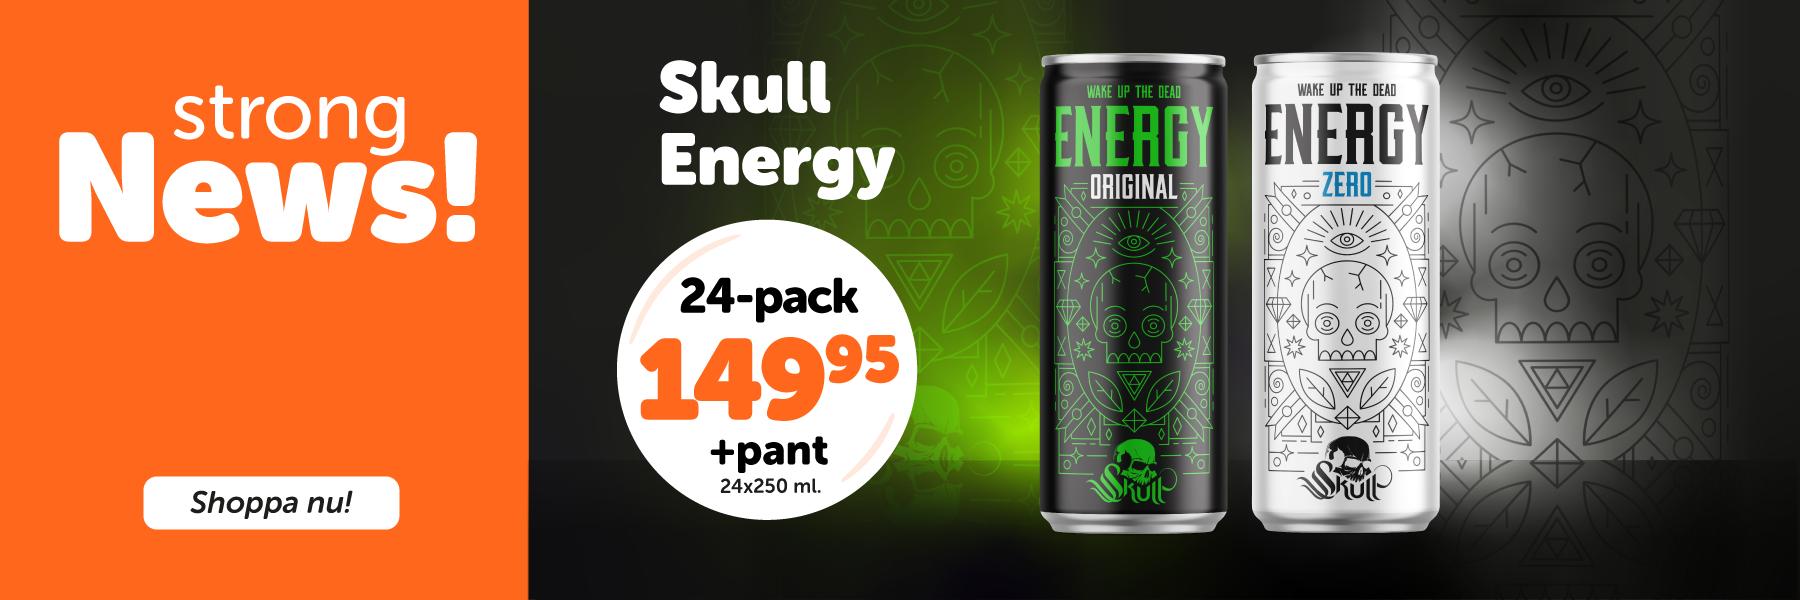 Skull Energy